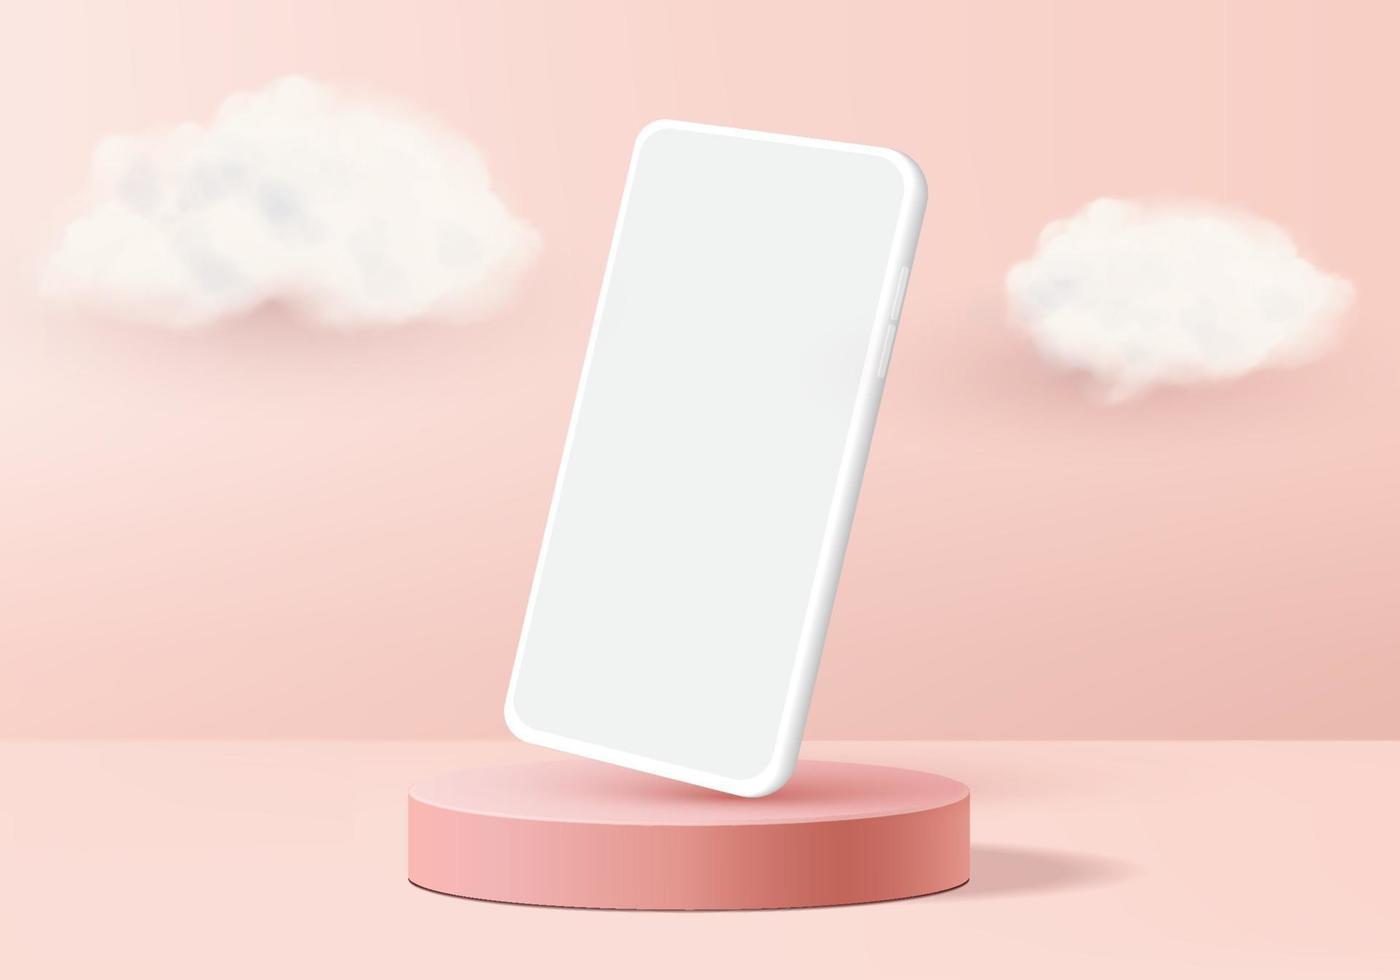 vitrine exibir cena mínima com smartphone geométrico. fundo do vetor renderização 3d com vitrine do pódio. suporte para mostrar a maquete do dispositivo móvel. mostruário de palco no pedestal 3d estúdio rosa